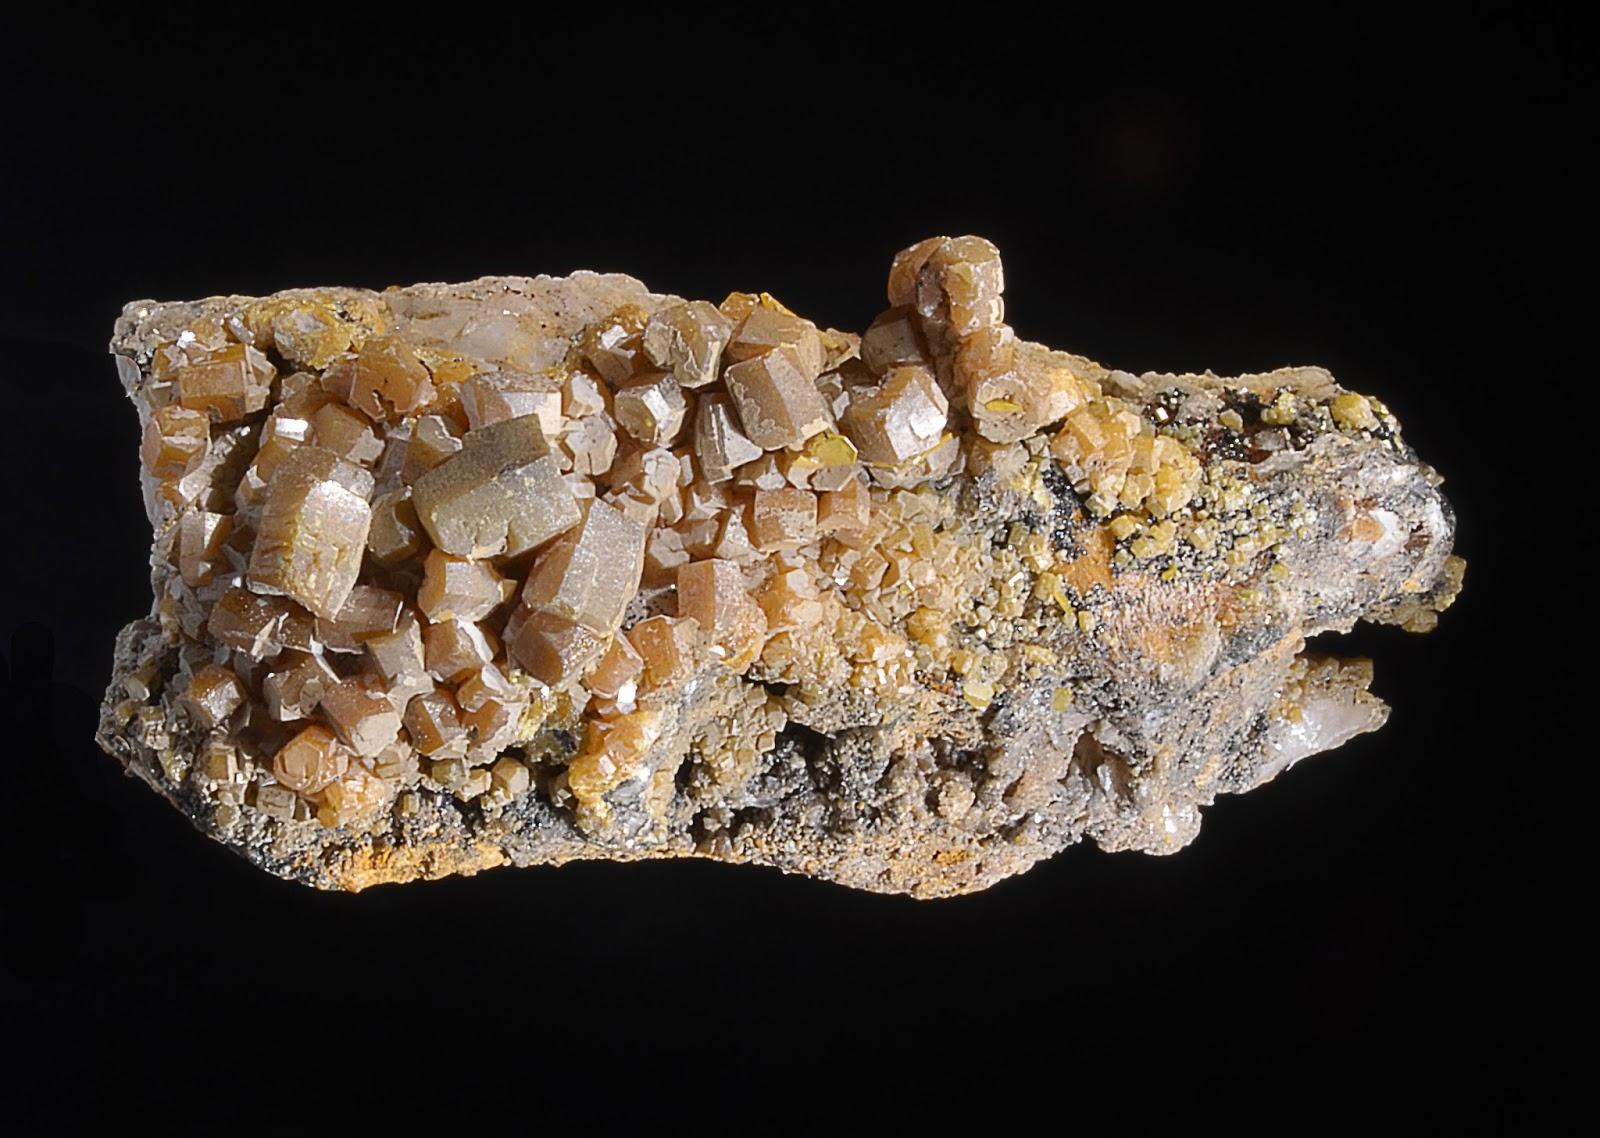 colección R. Fimia - Página 16 Vanadinita%2B%2528variedad%2Barsenical%2529%2Bcon%2BMottramita%2By%2BVulfenita